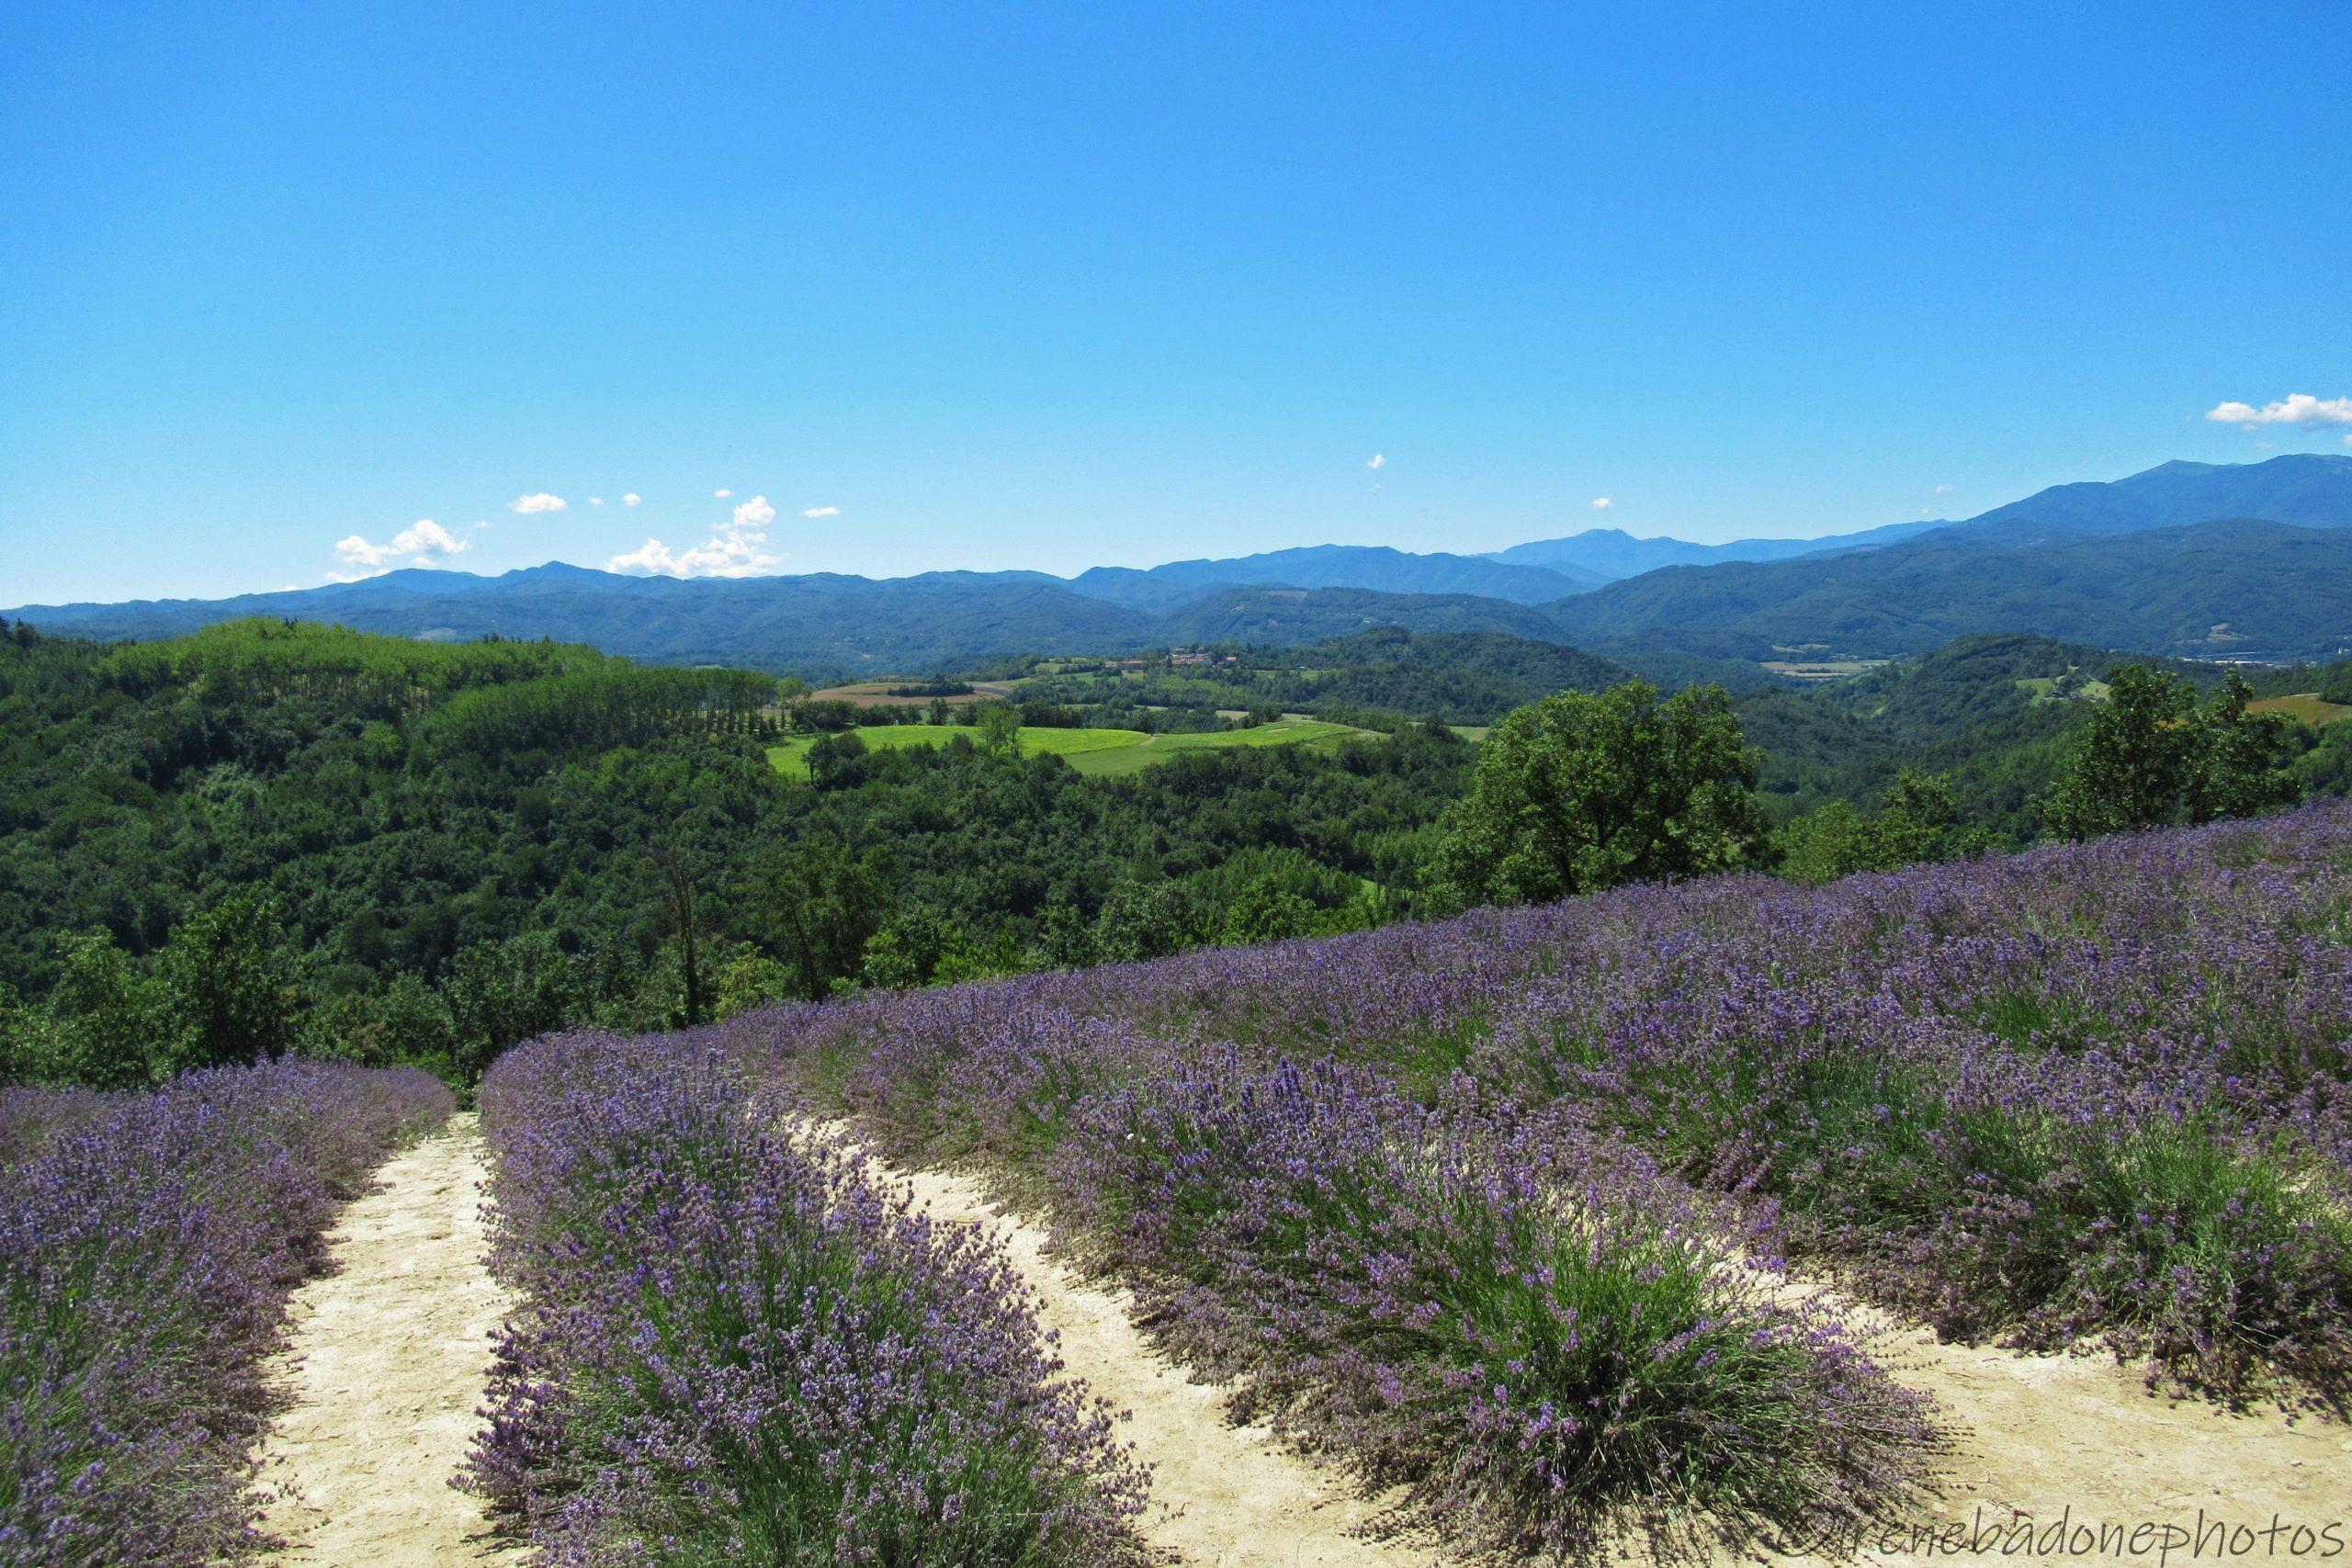 Eccezionali campi di lavanda sulle colline delle Alte Langhe